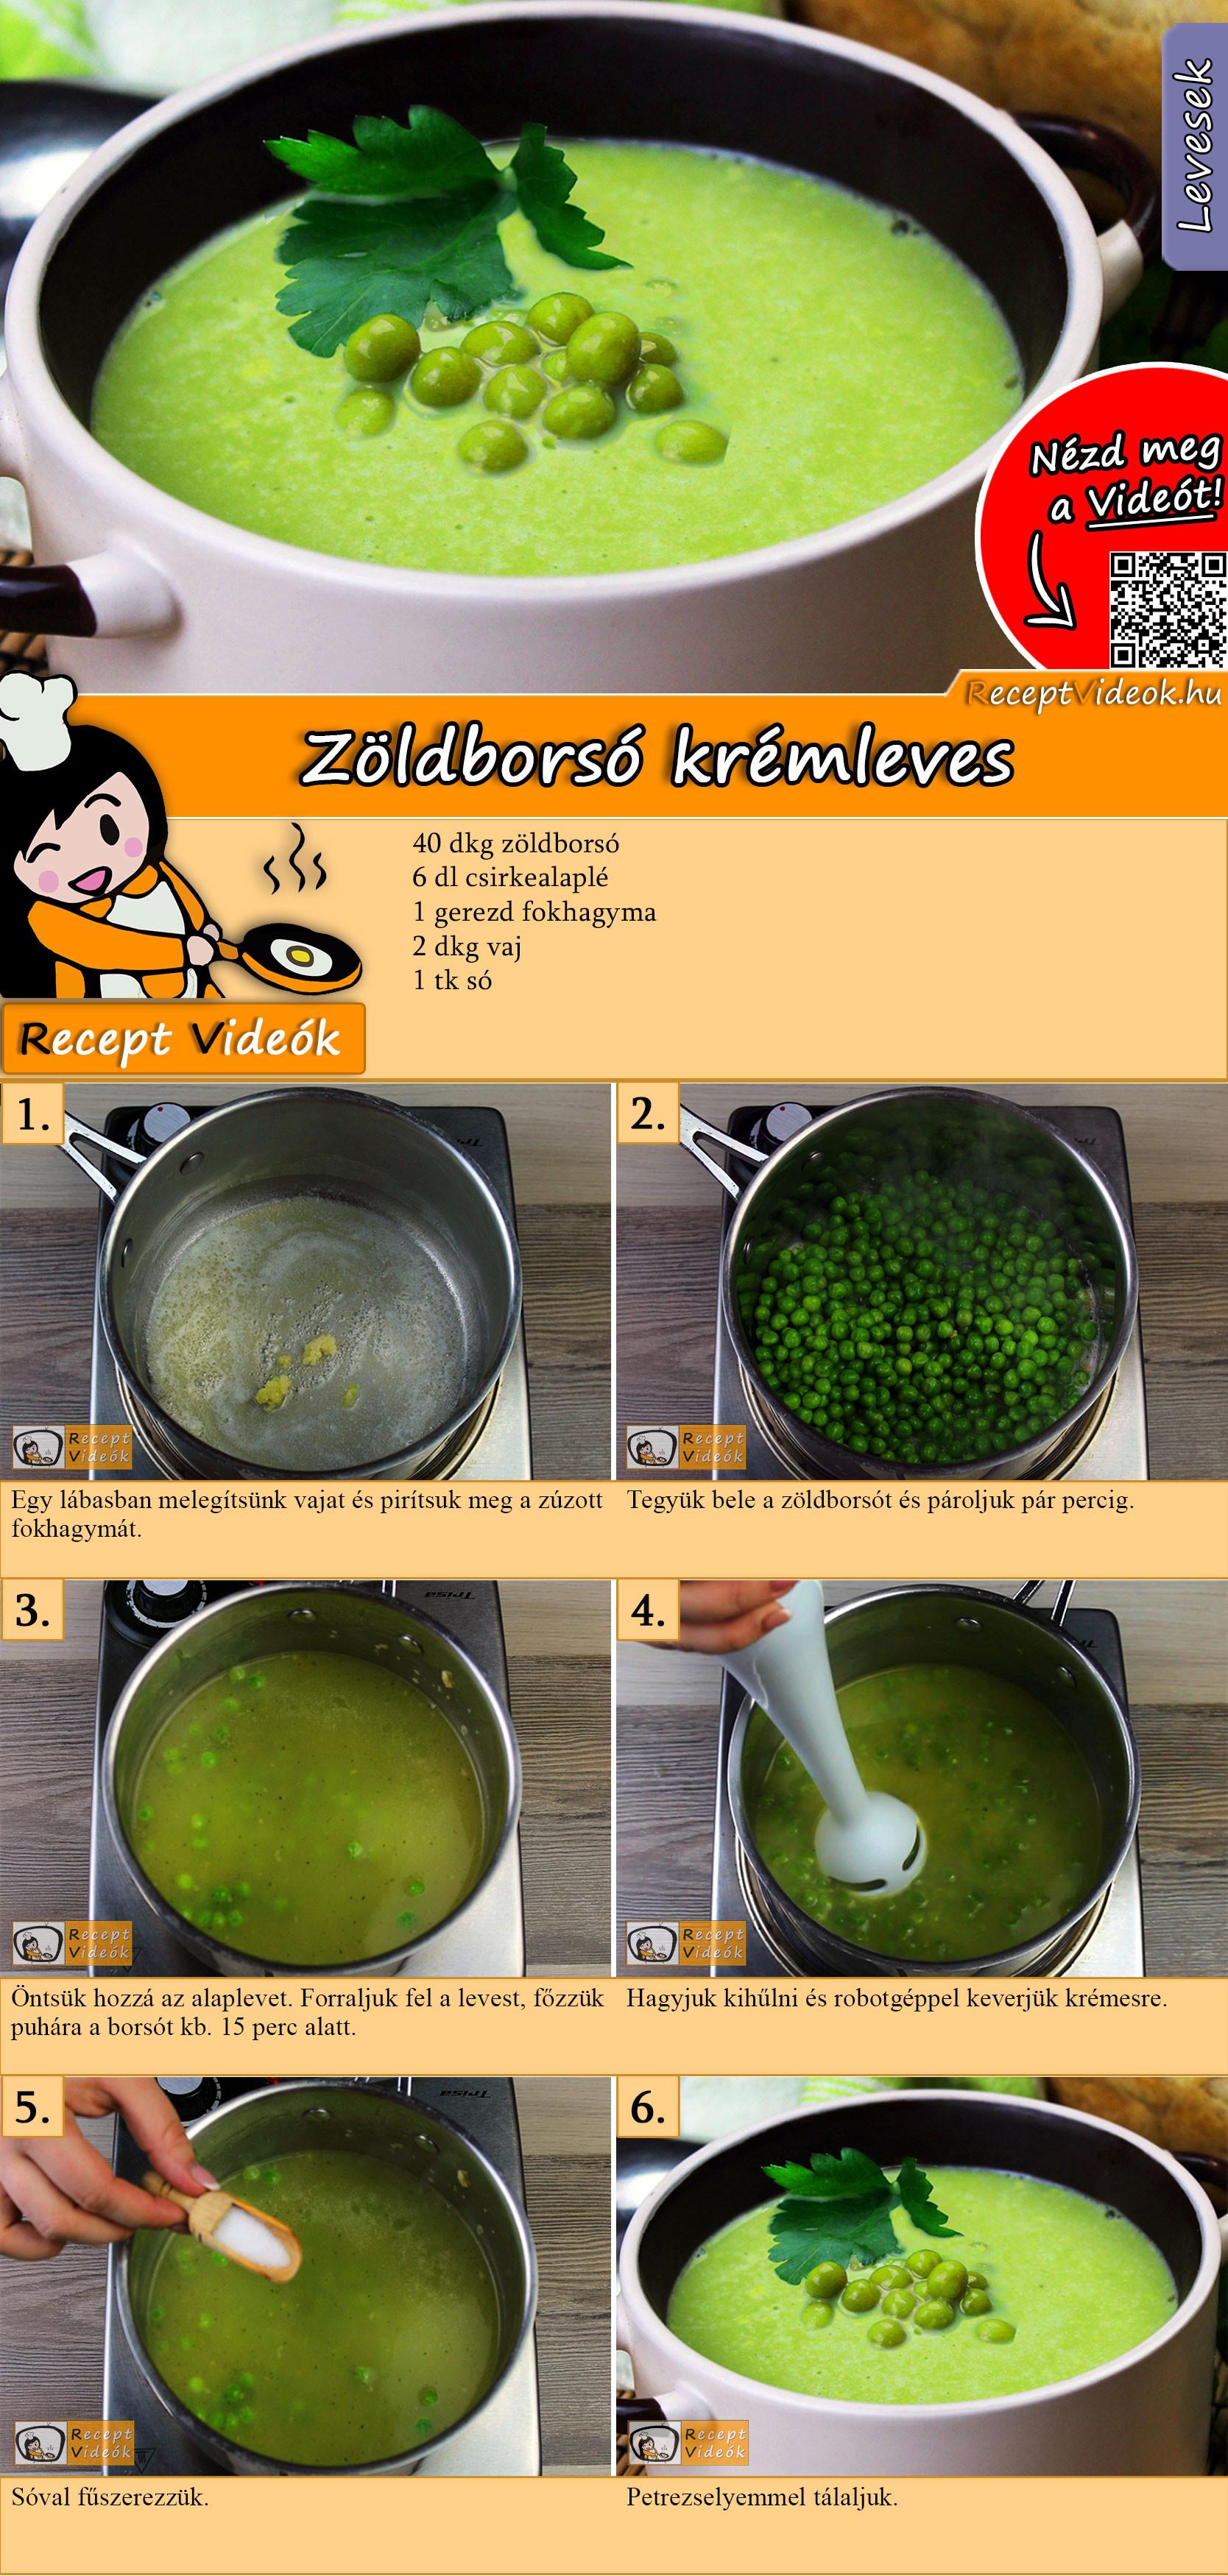 Zöldborsó krémleves recept elkészítése videóval